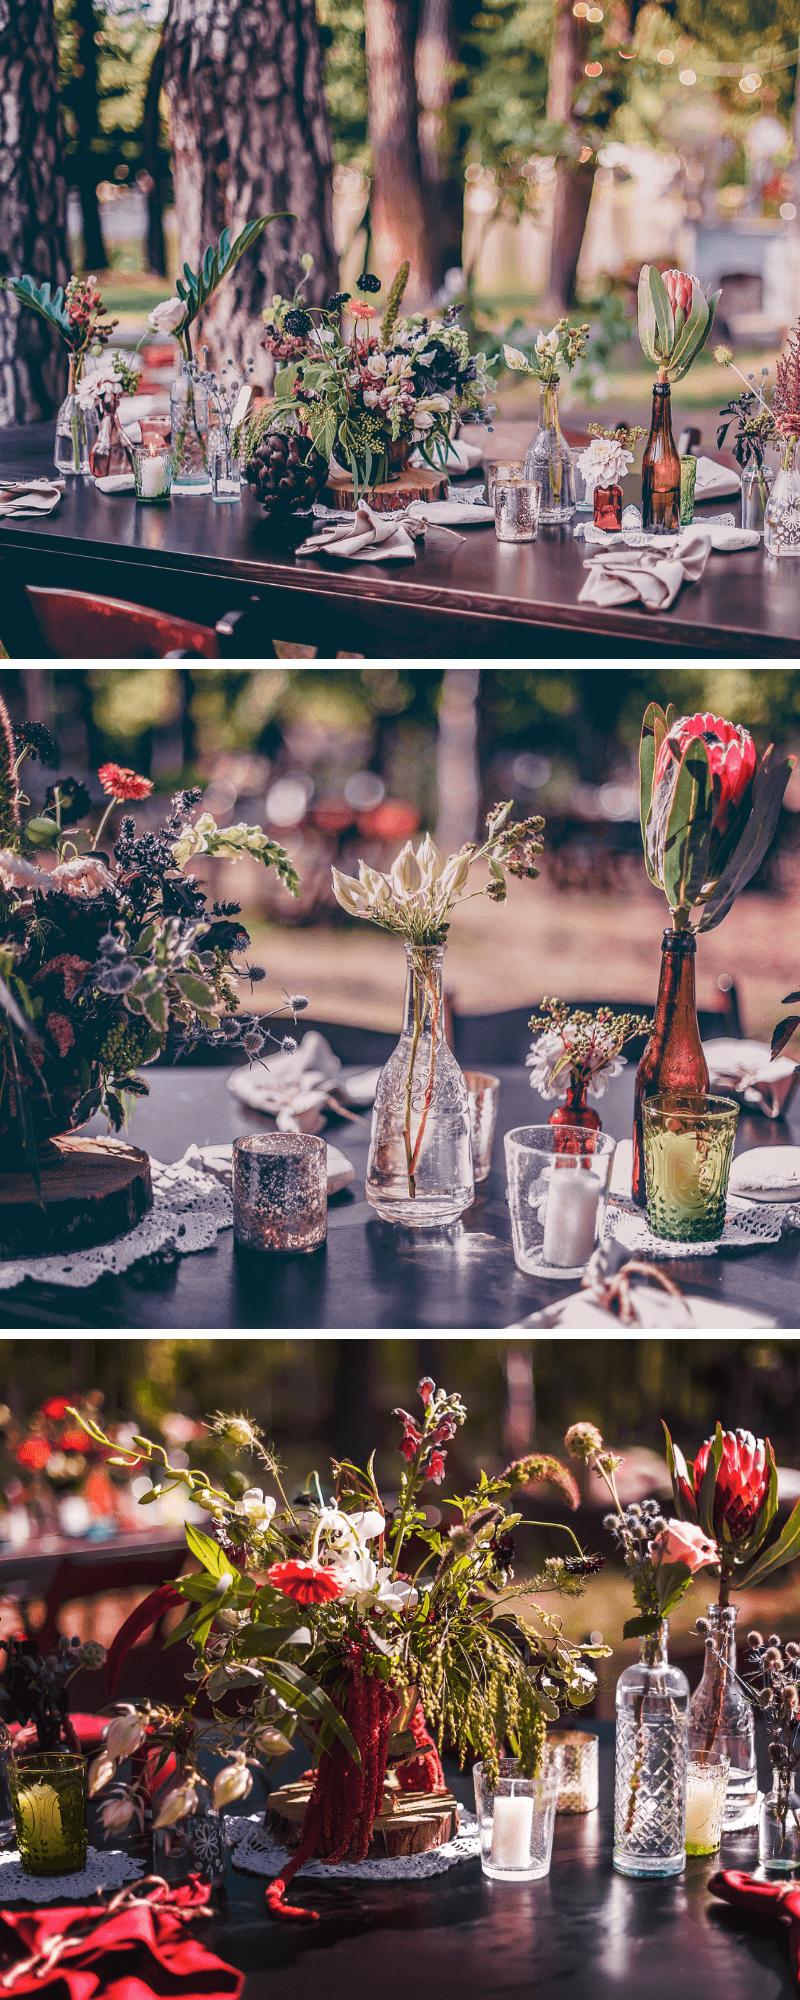 tischdeko hochzeit, tischdeko originell, originelle hochzeitsdeko, tischdekoration hochzeit, hochzeitsdeko ausgefallen, tischdeko wildblumen, hochzeitsdeko wiesenblumen